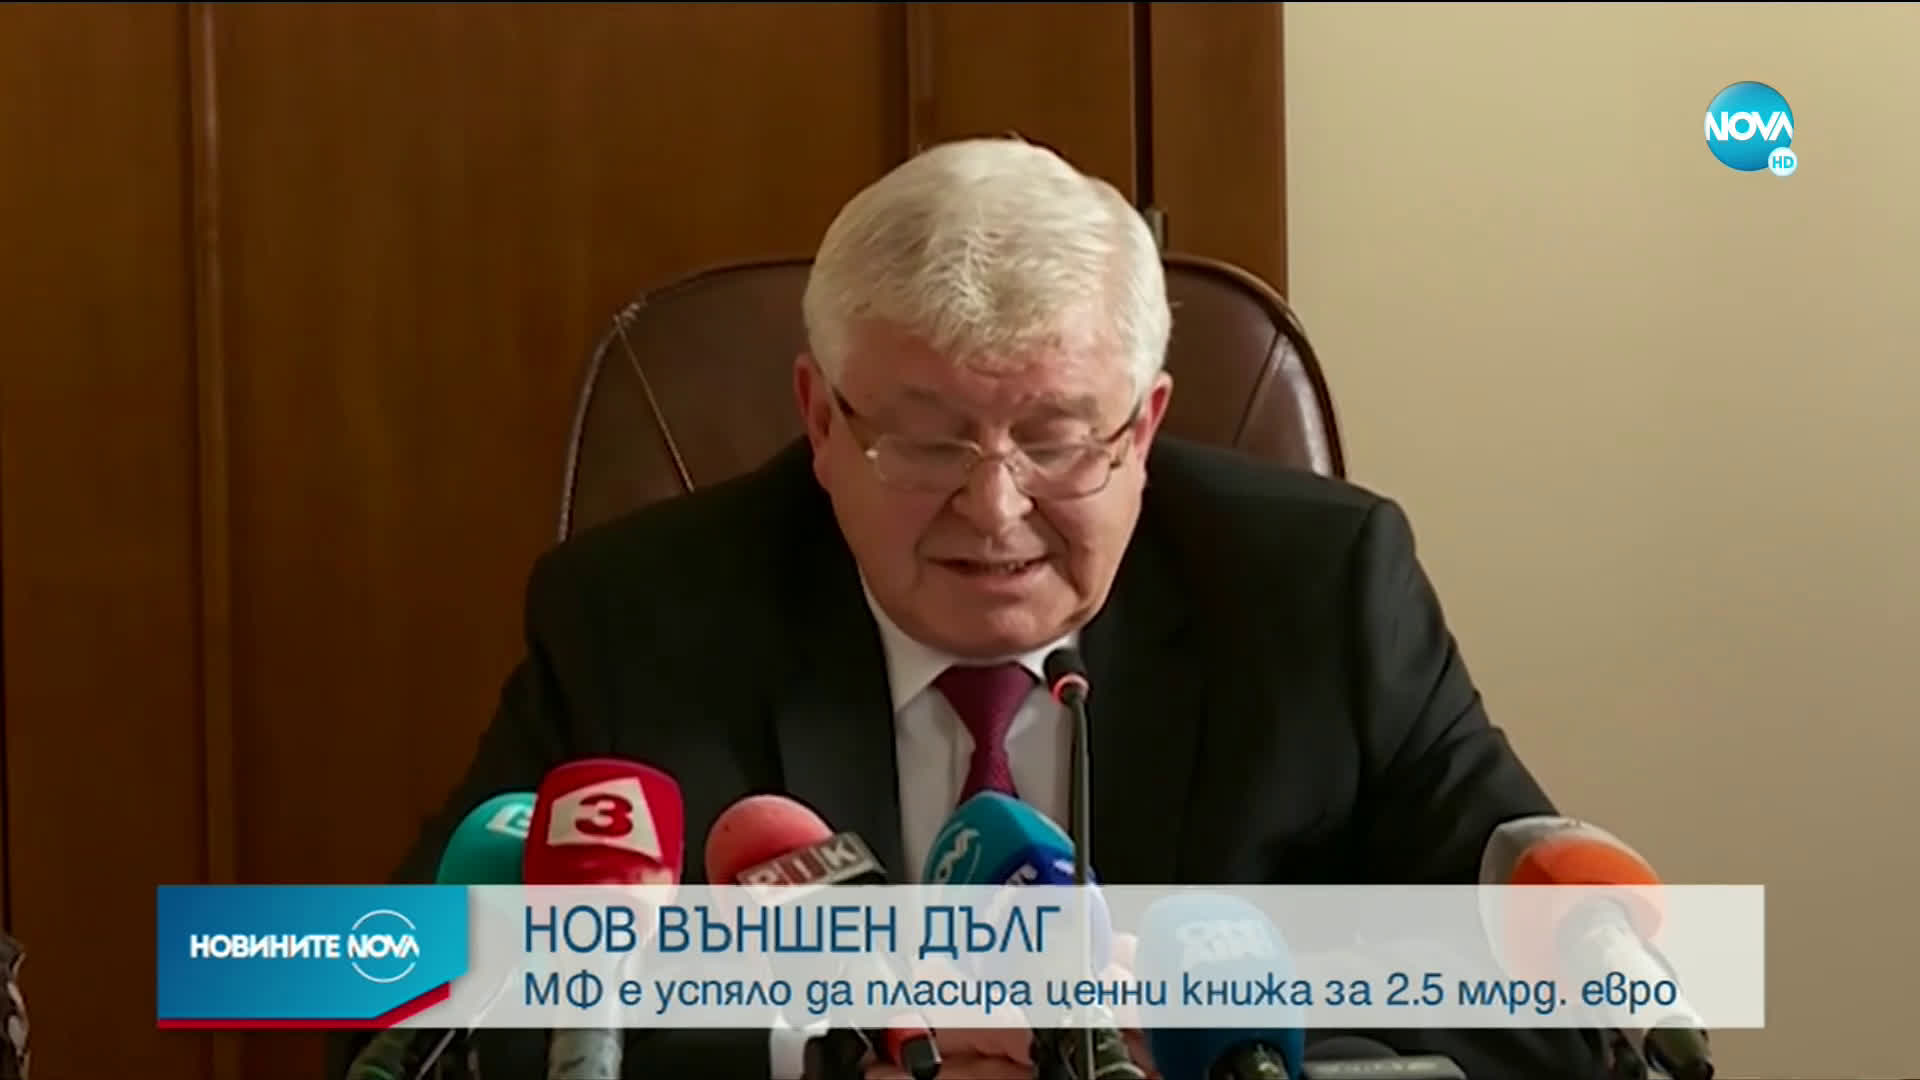 България взе 5 млрд. лв. заем от международните пазари